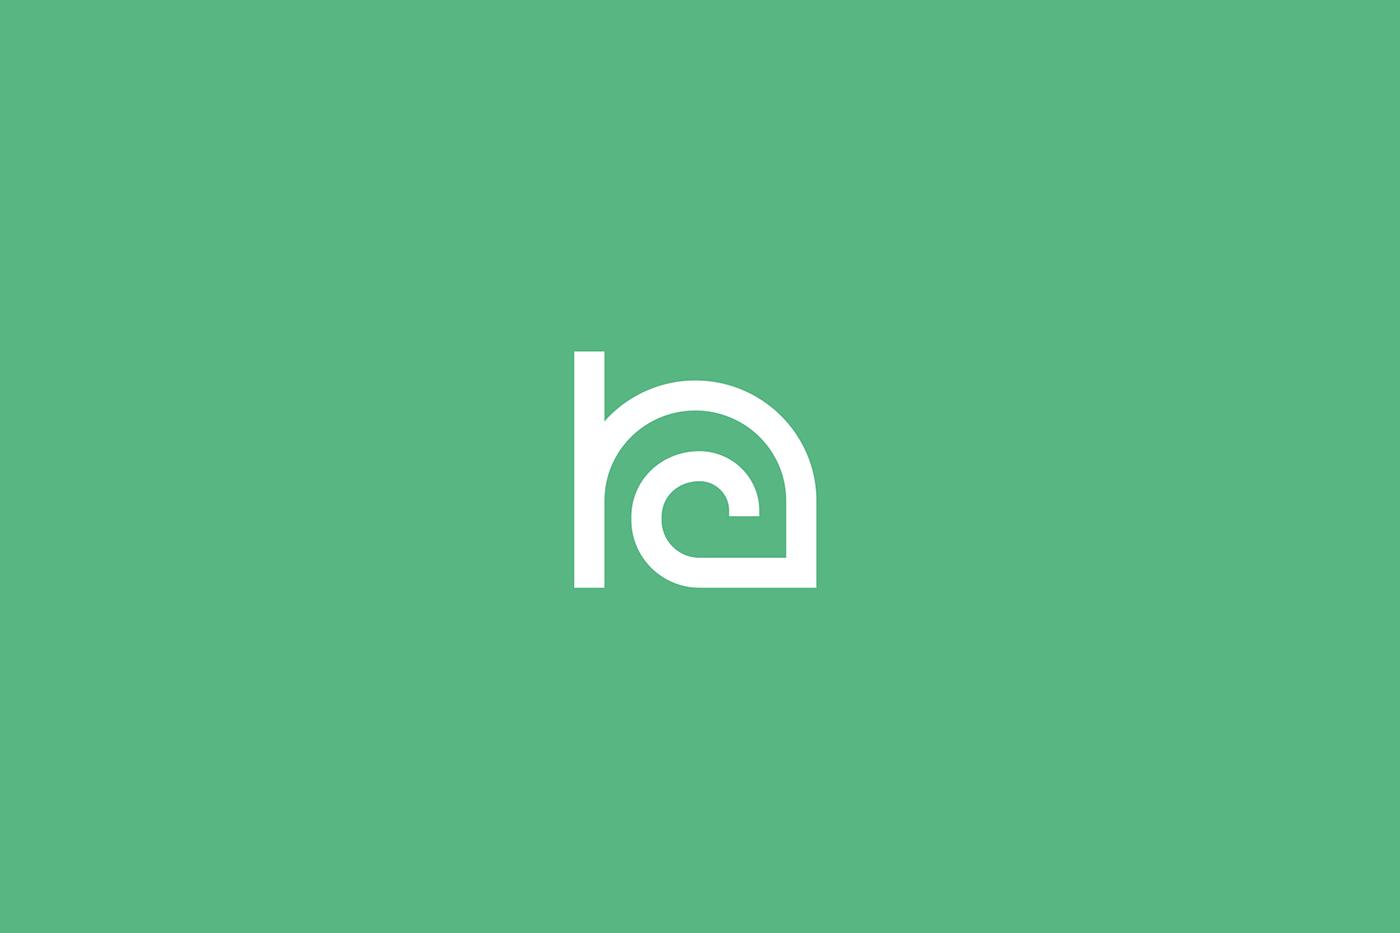 Image may contain: screenshot, logo and illustration